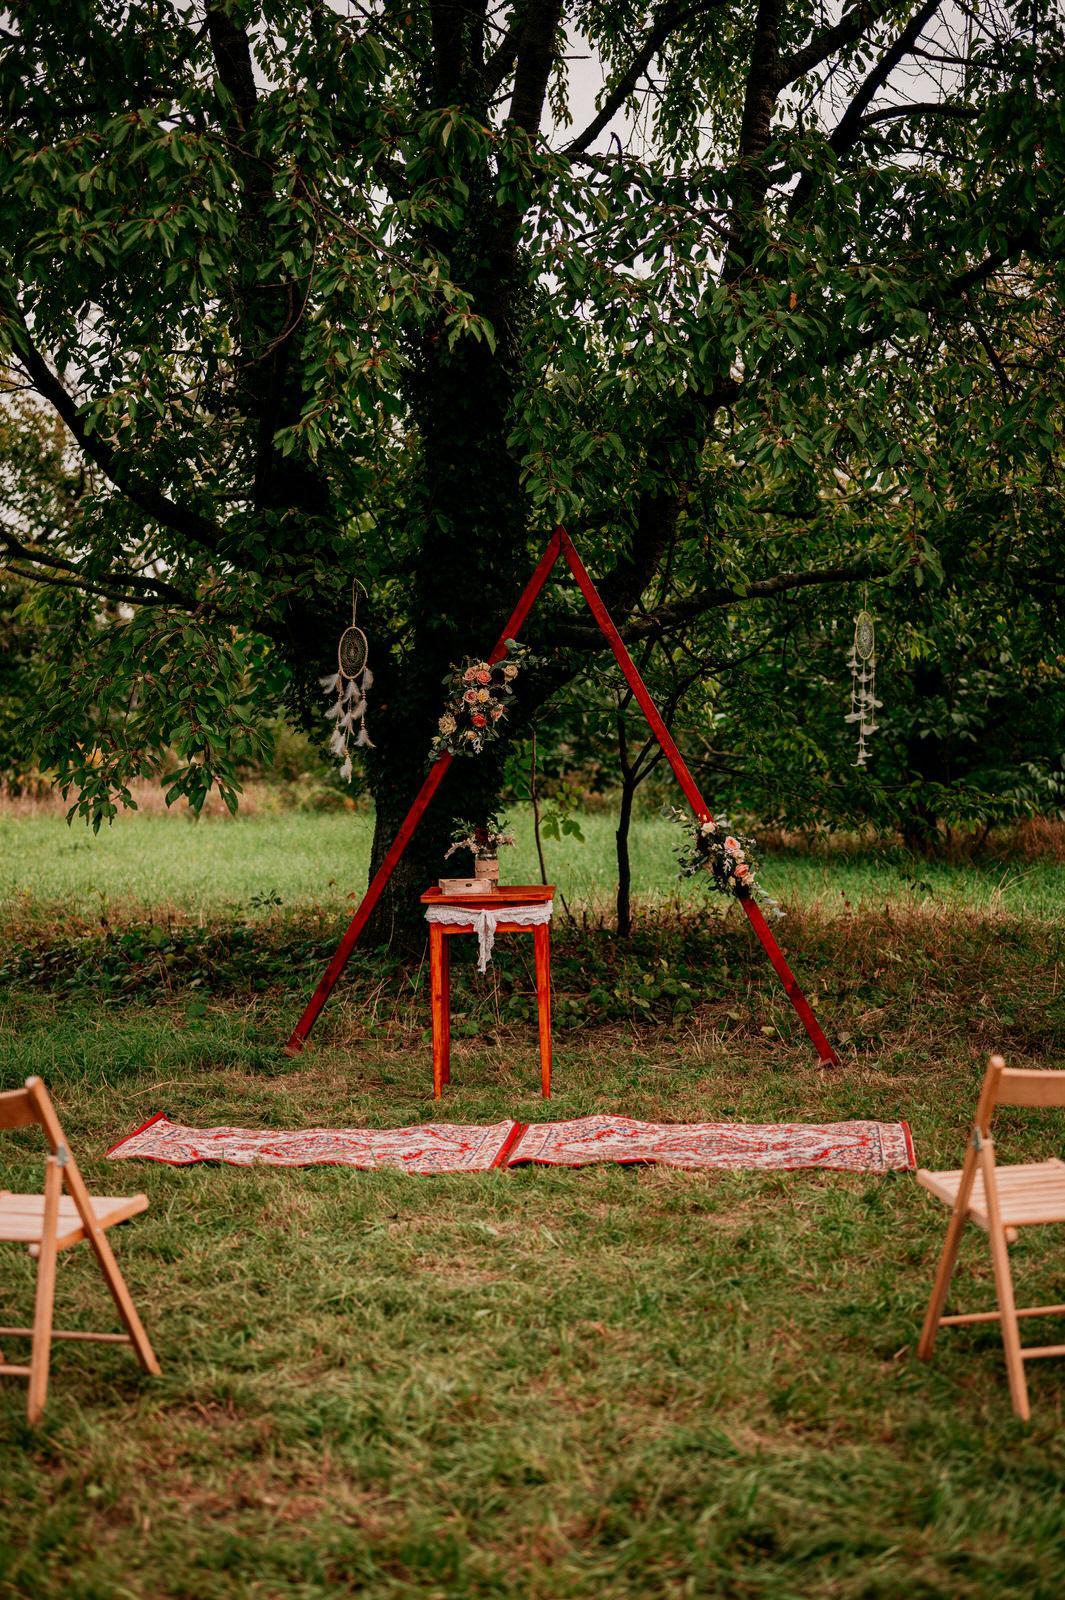 Dřevěná slavobrána, triangl - Obrázek č. 2